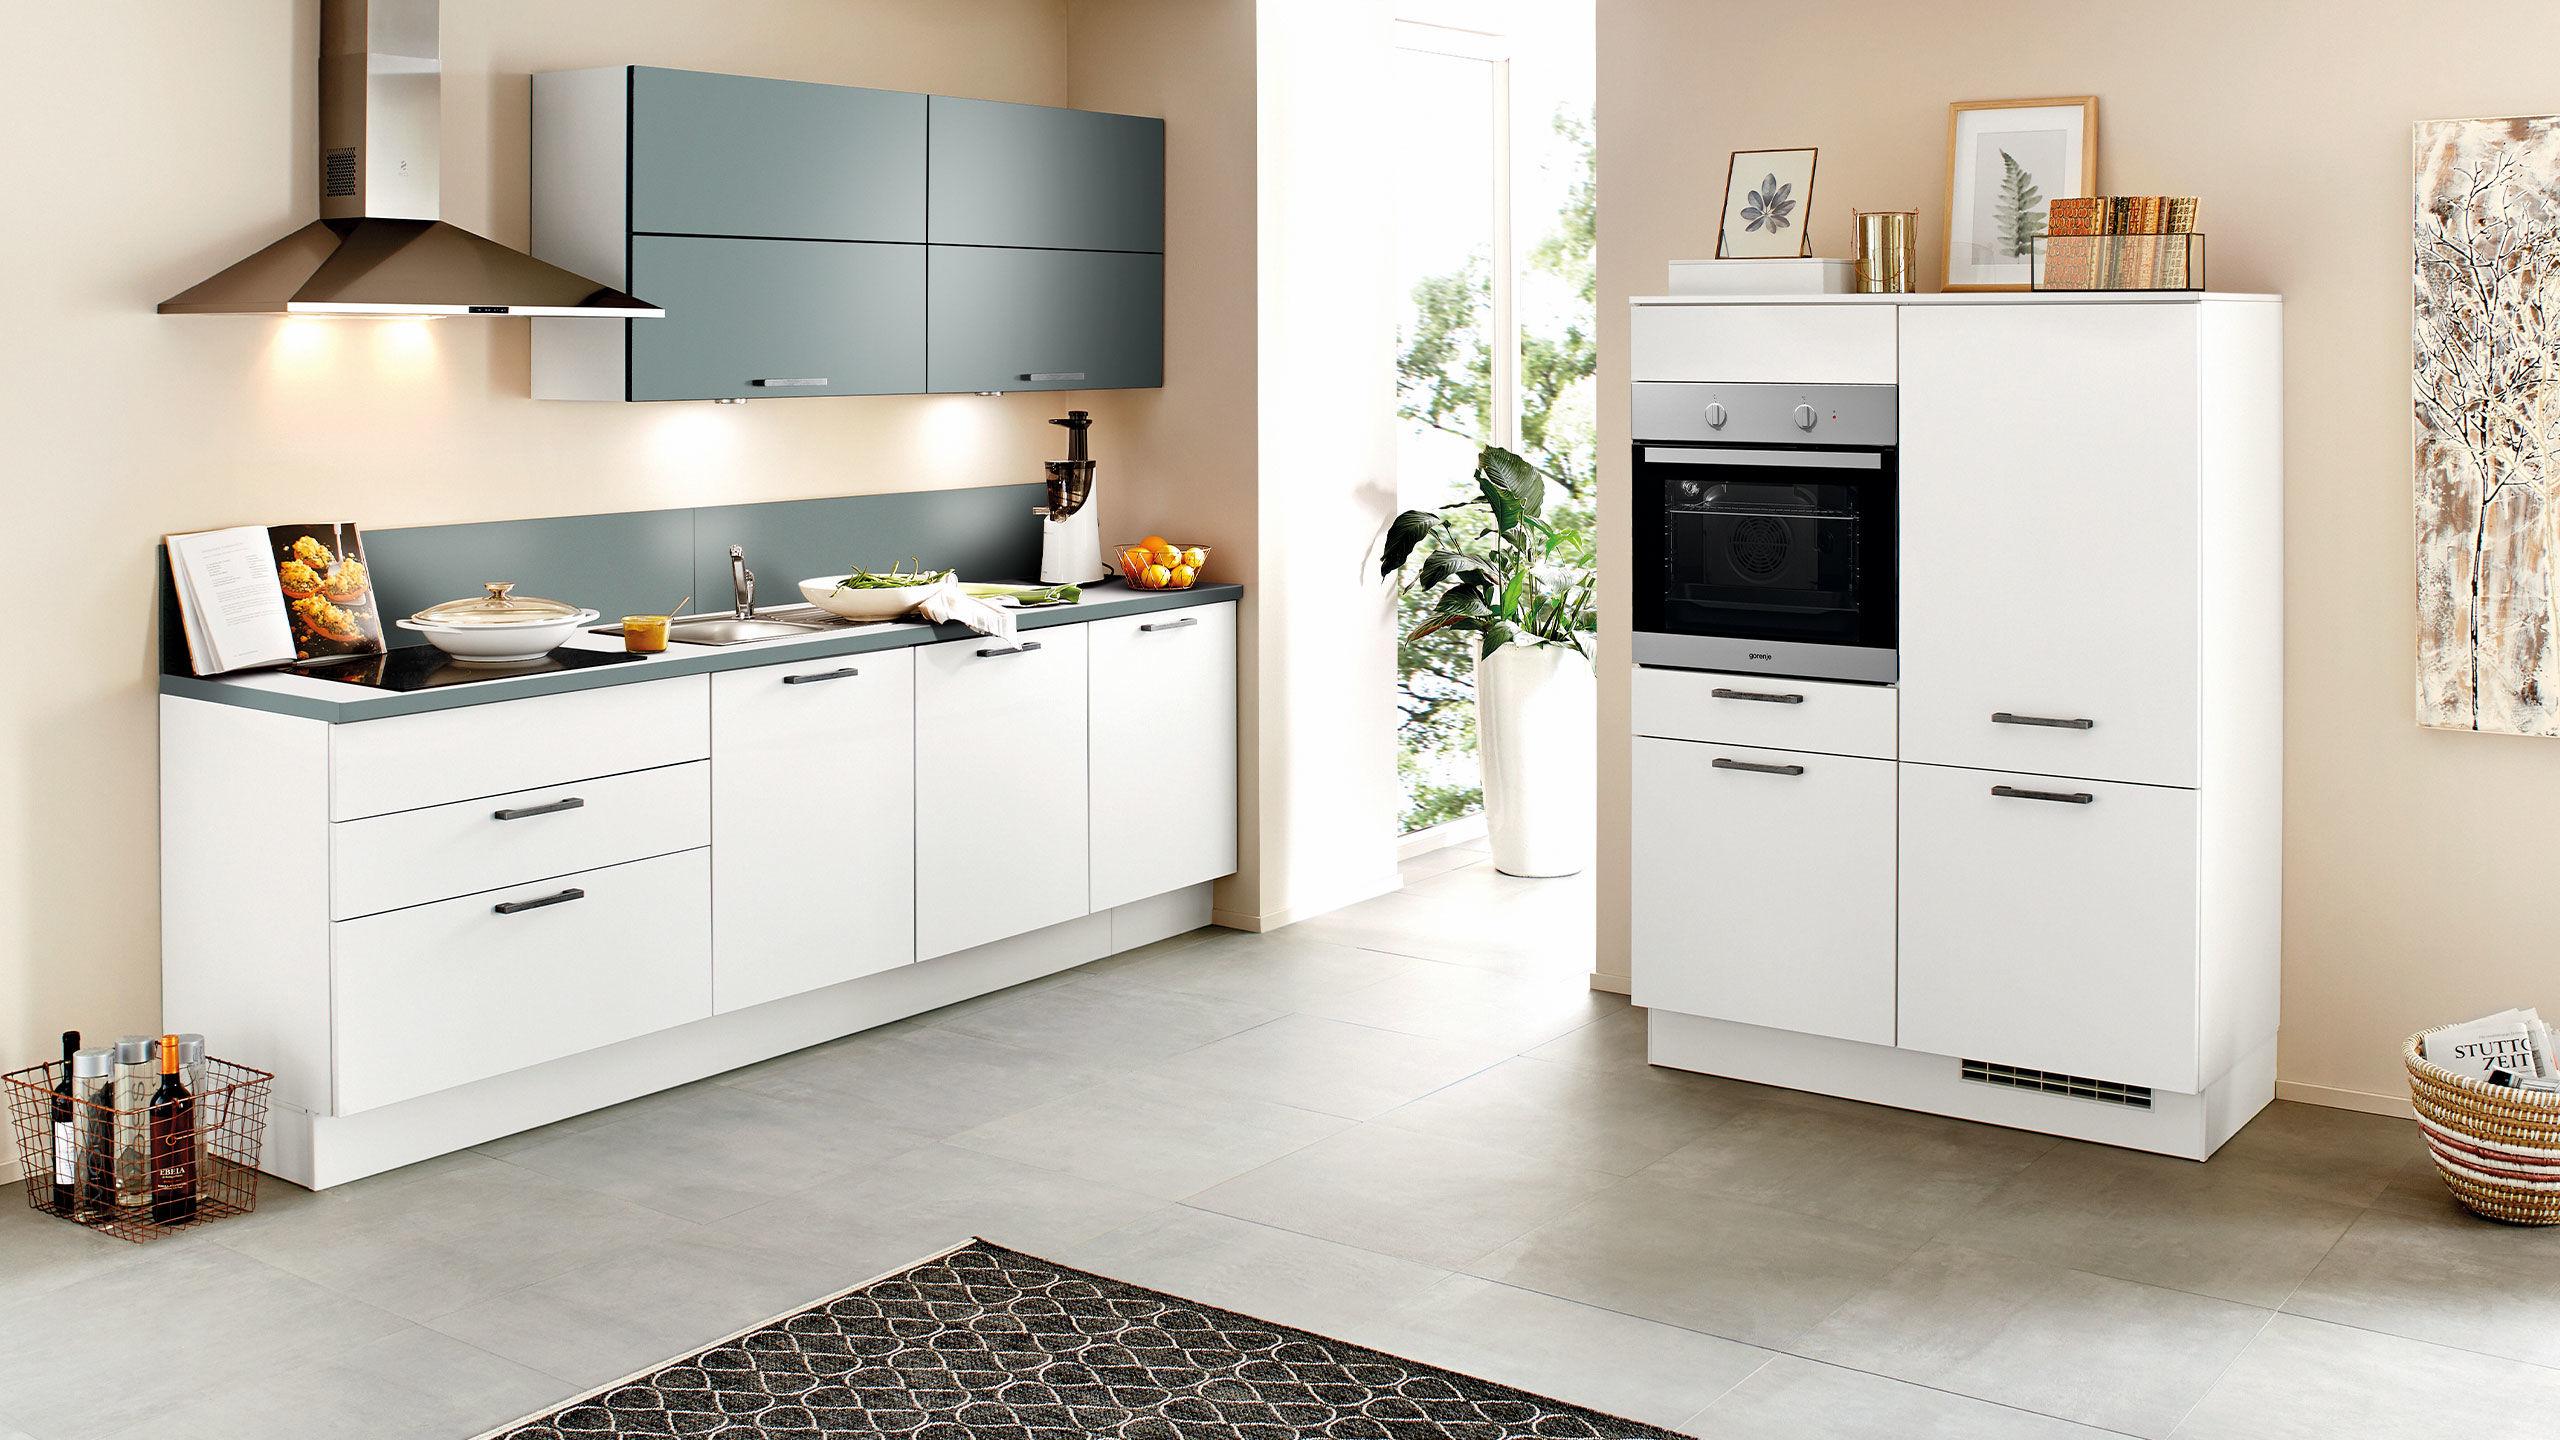 Full Size of Arbeitsplatte Kche Nobilia Vollauszugschienen Hettich Schienen Küche Einbauküche Wohnzimmer Nobilia Magnolia